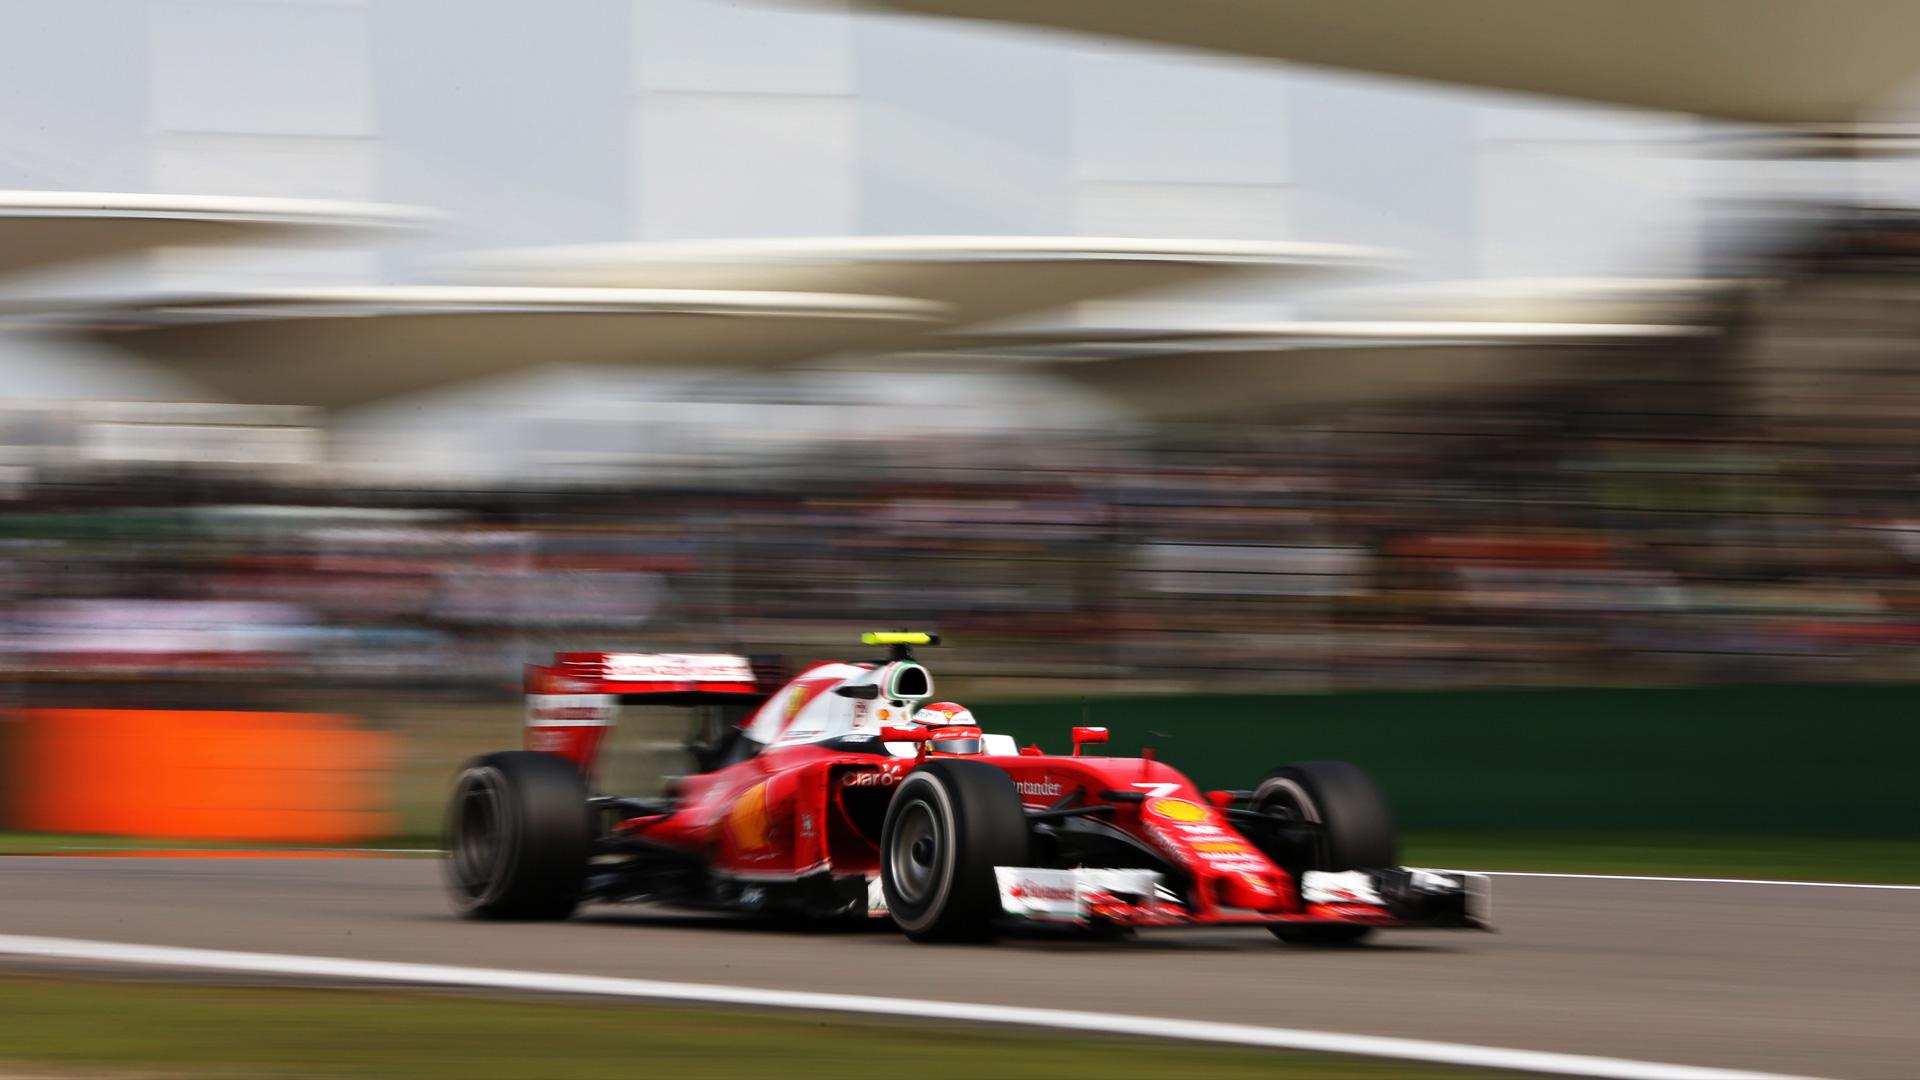 Что произошло на гонке Формулы-1 в Китае. Фото 10